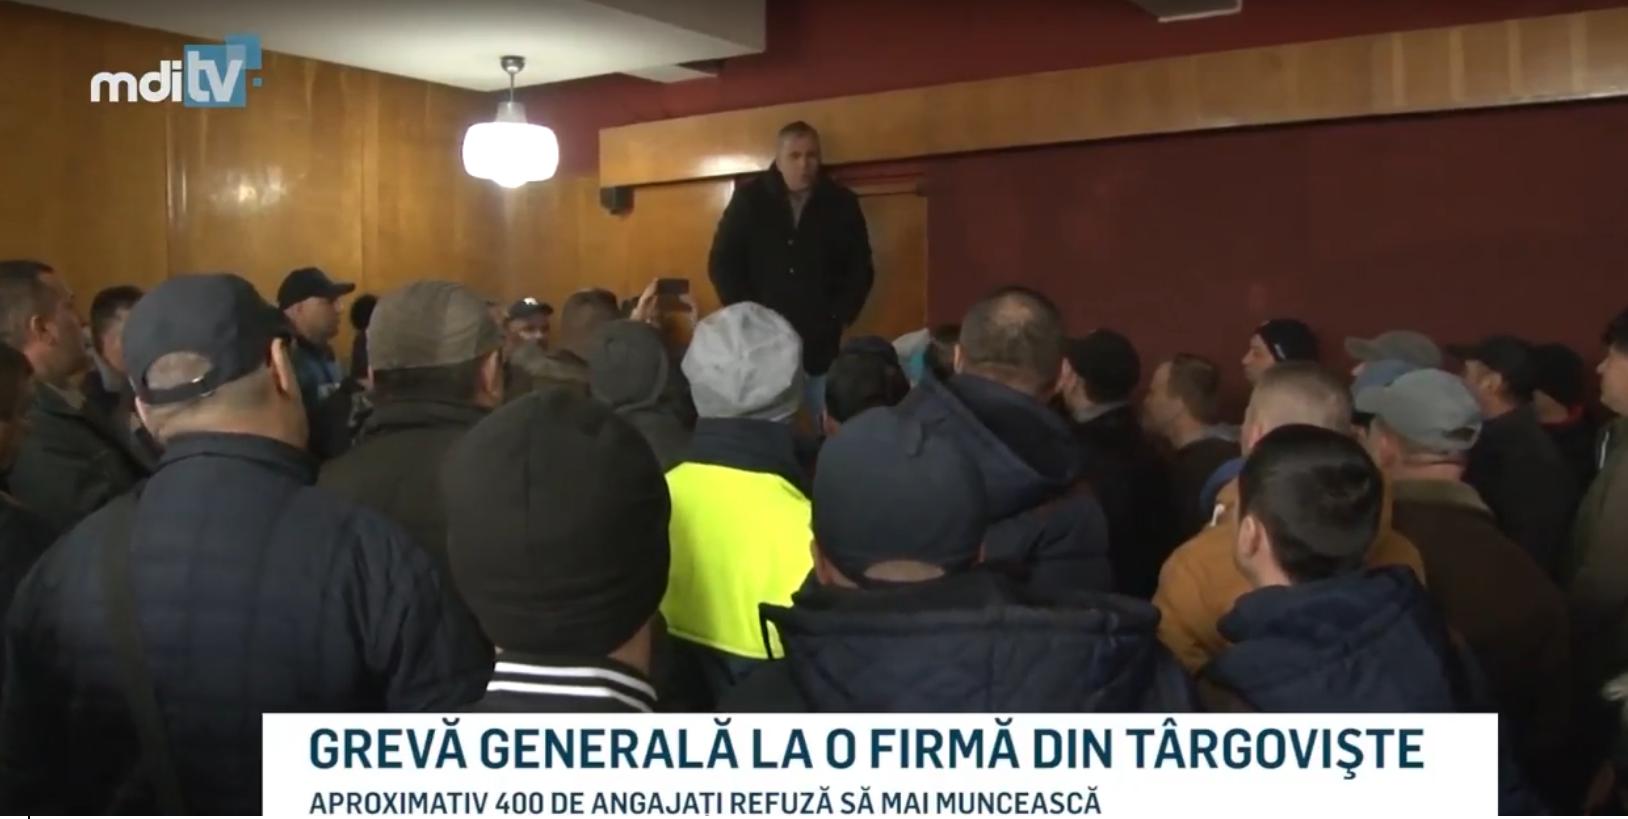 GREVĂ GENERALĂ LA O FIRMĂ DIN TÂRGOVIŞTE